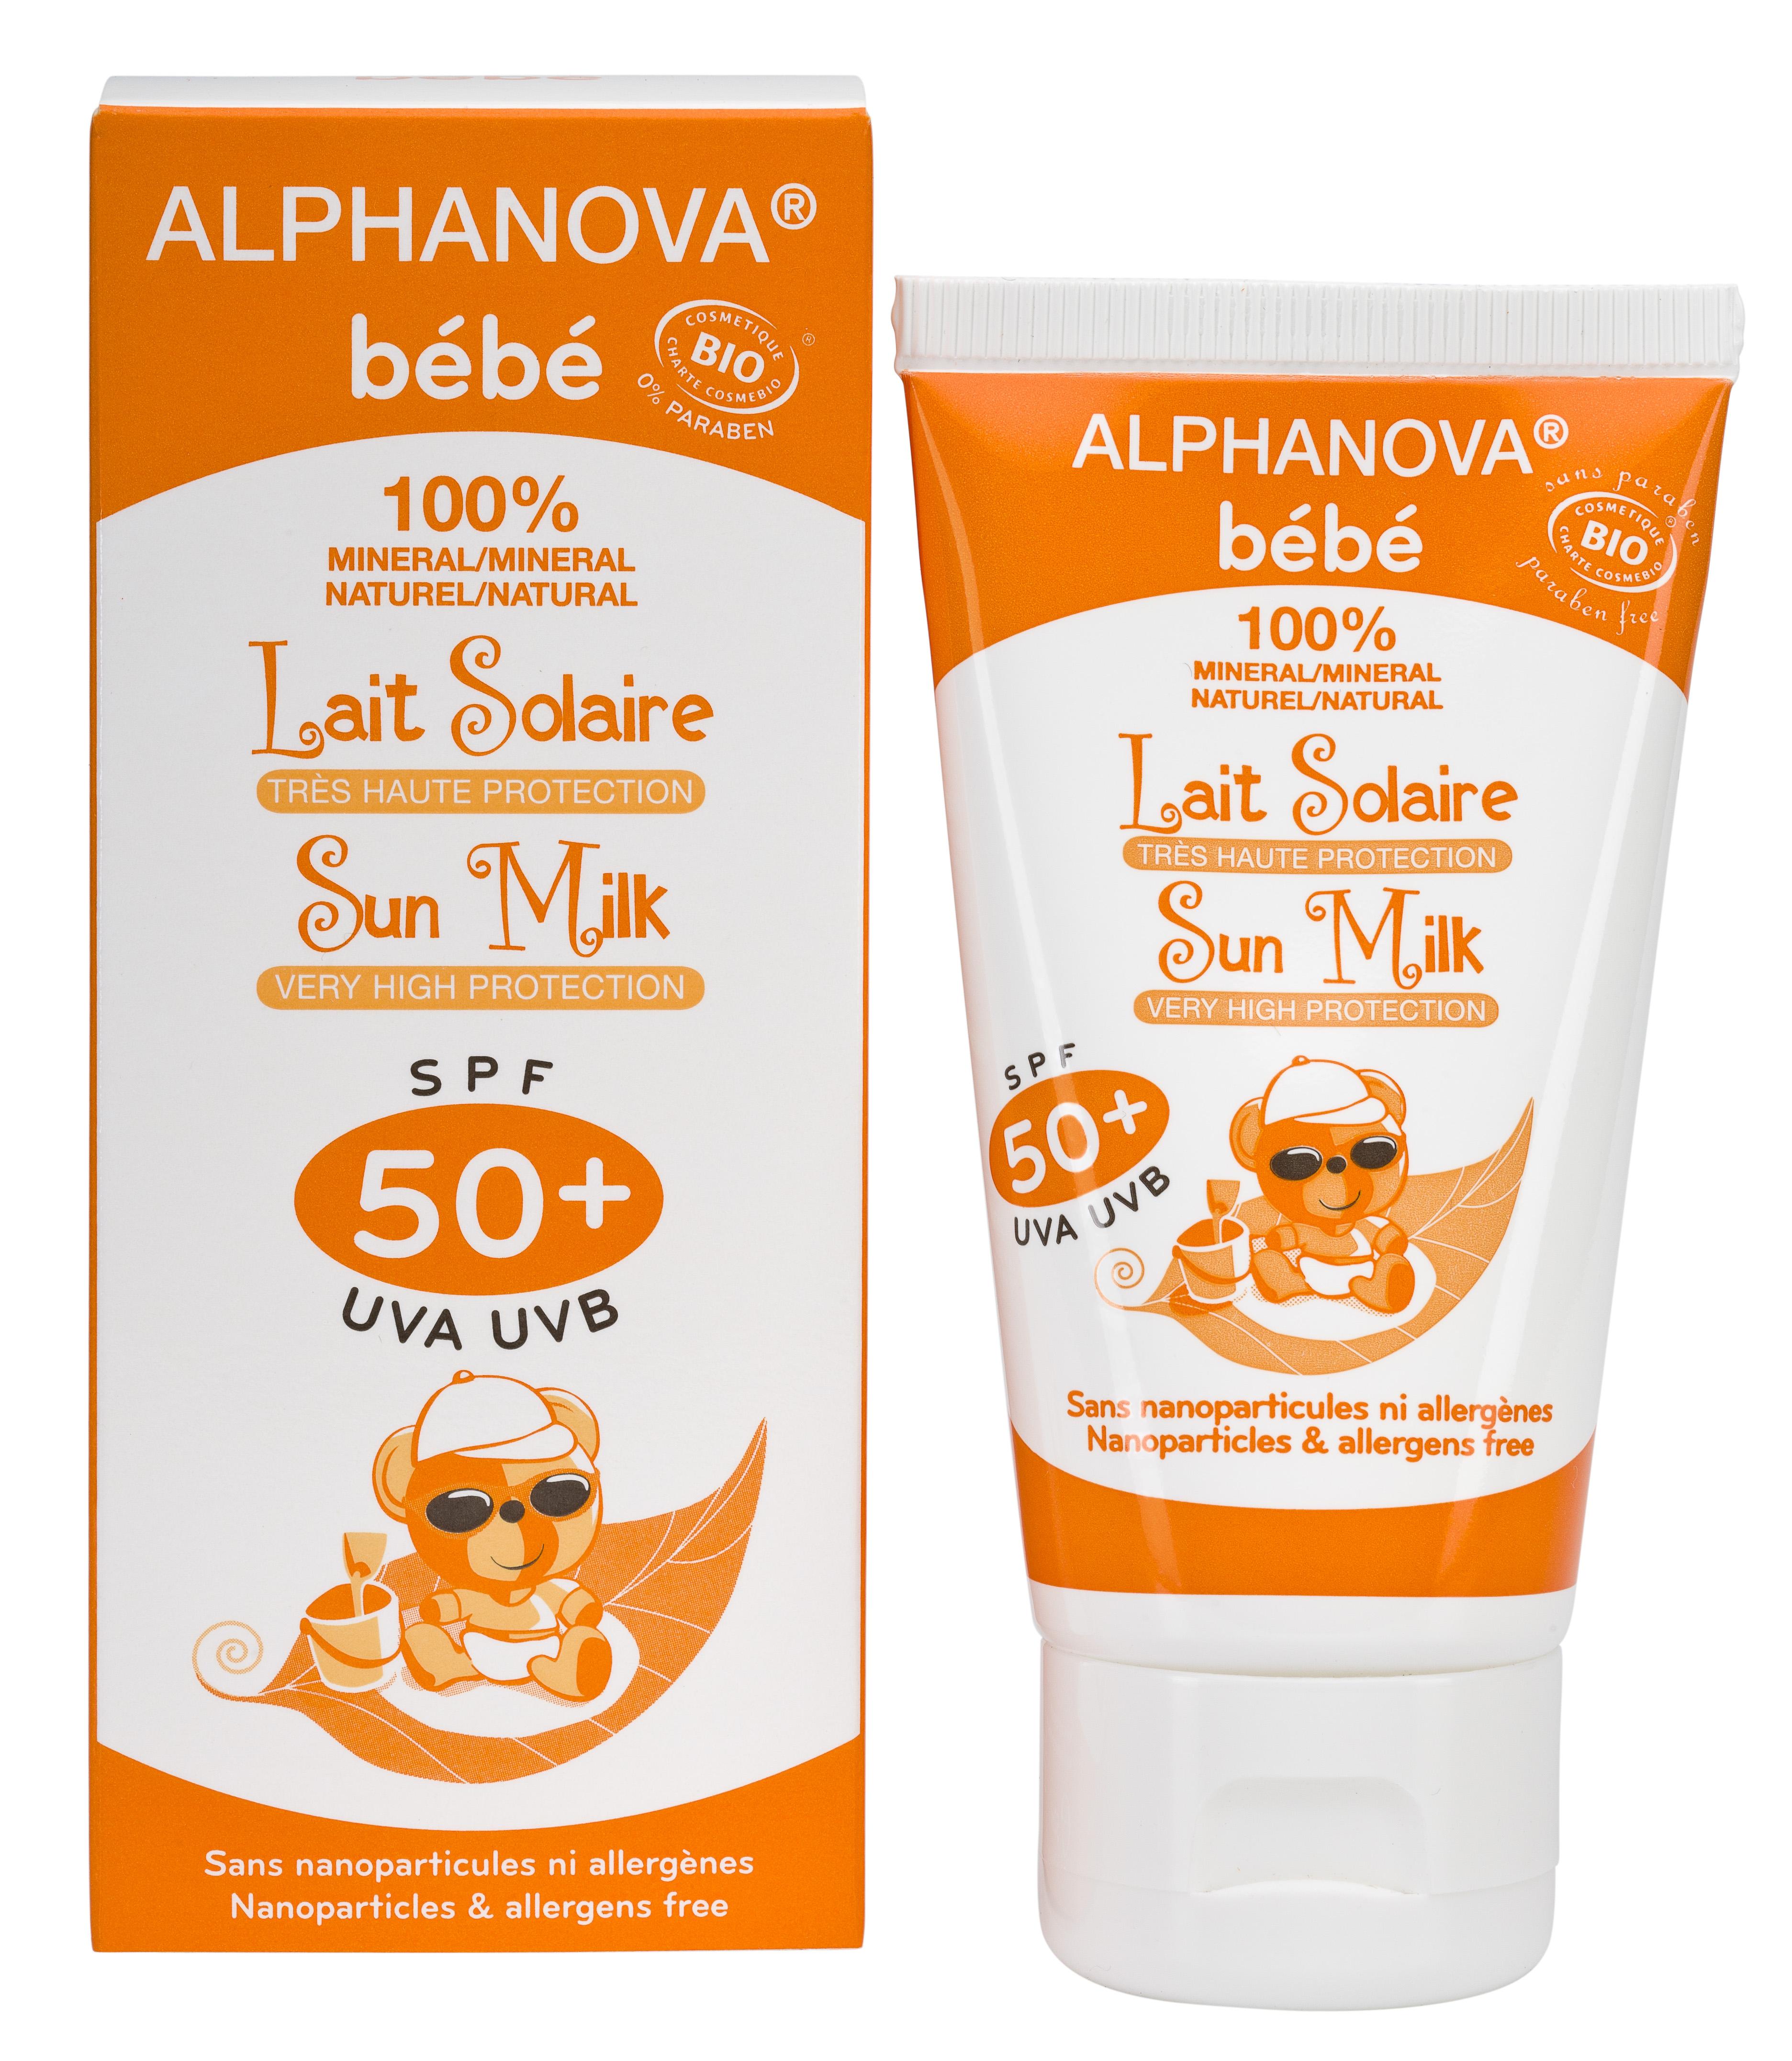 Alphanova økologisk solkrem for sensitiv hud!